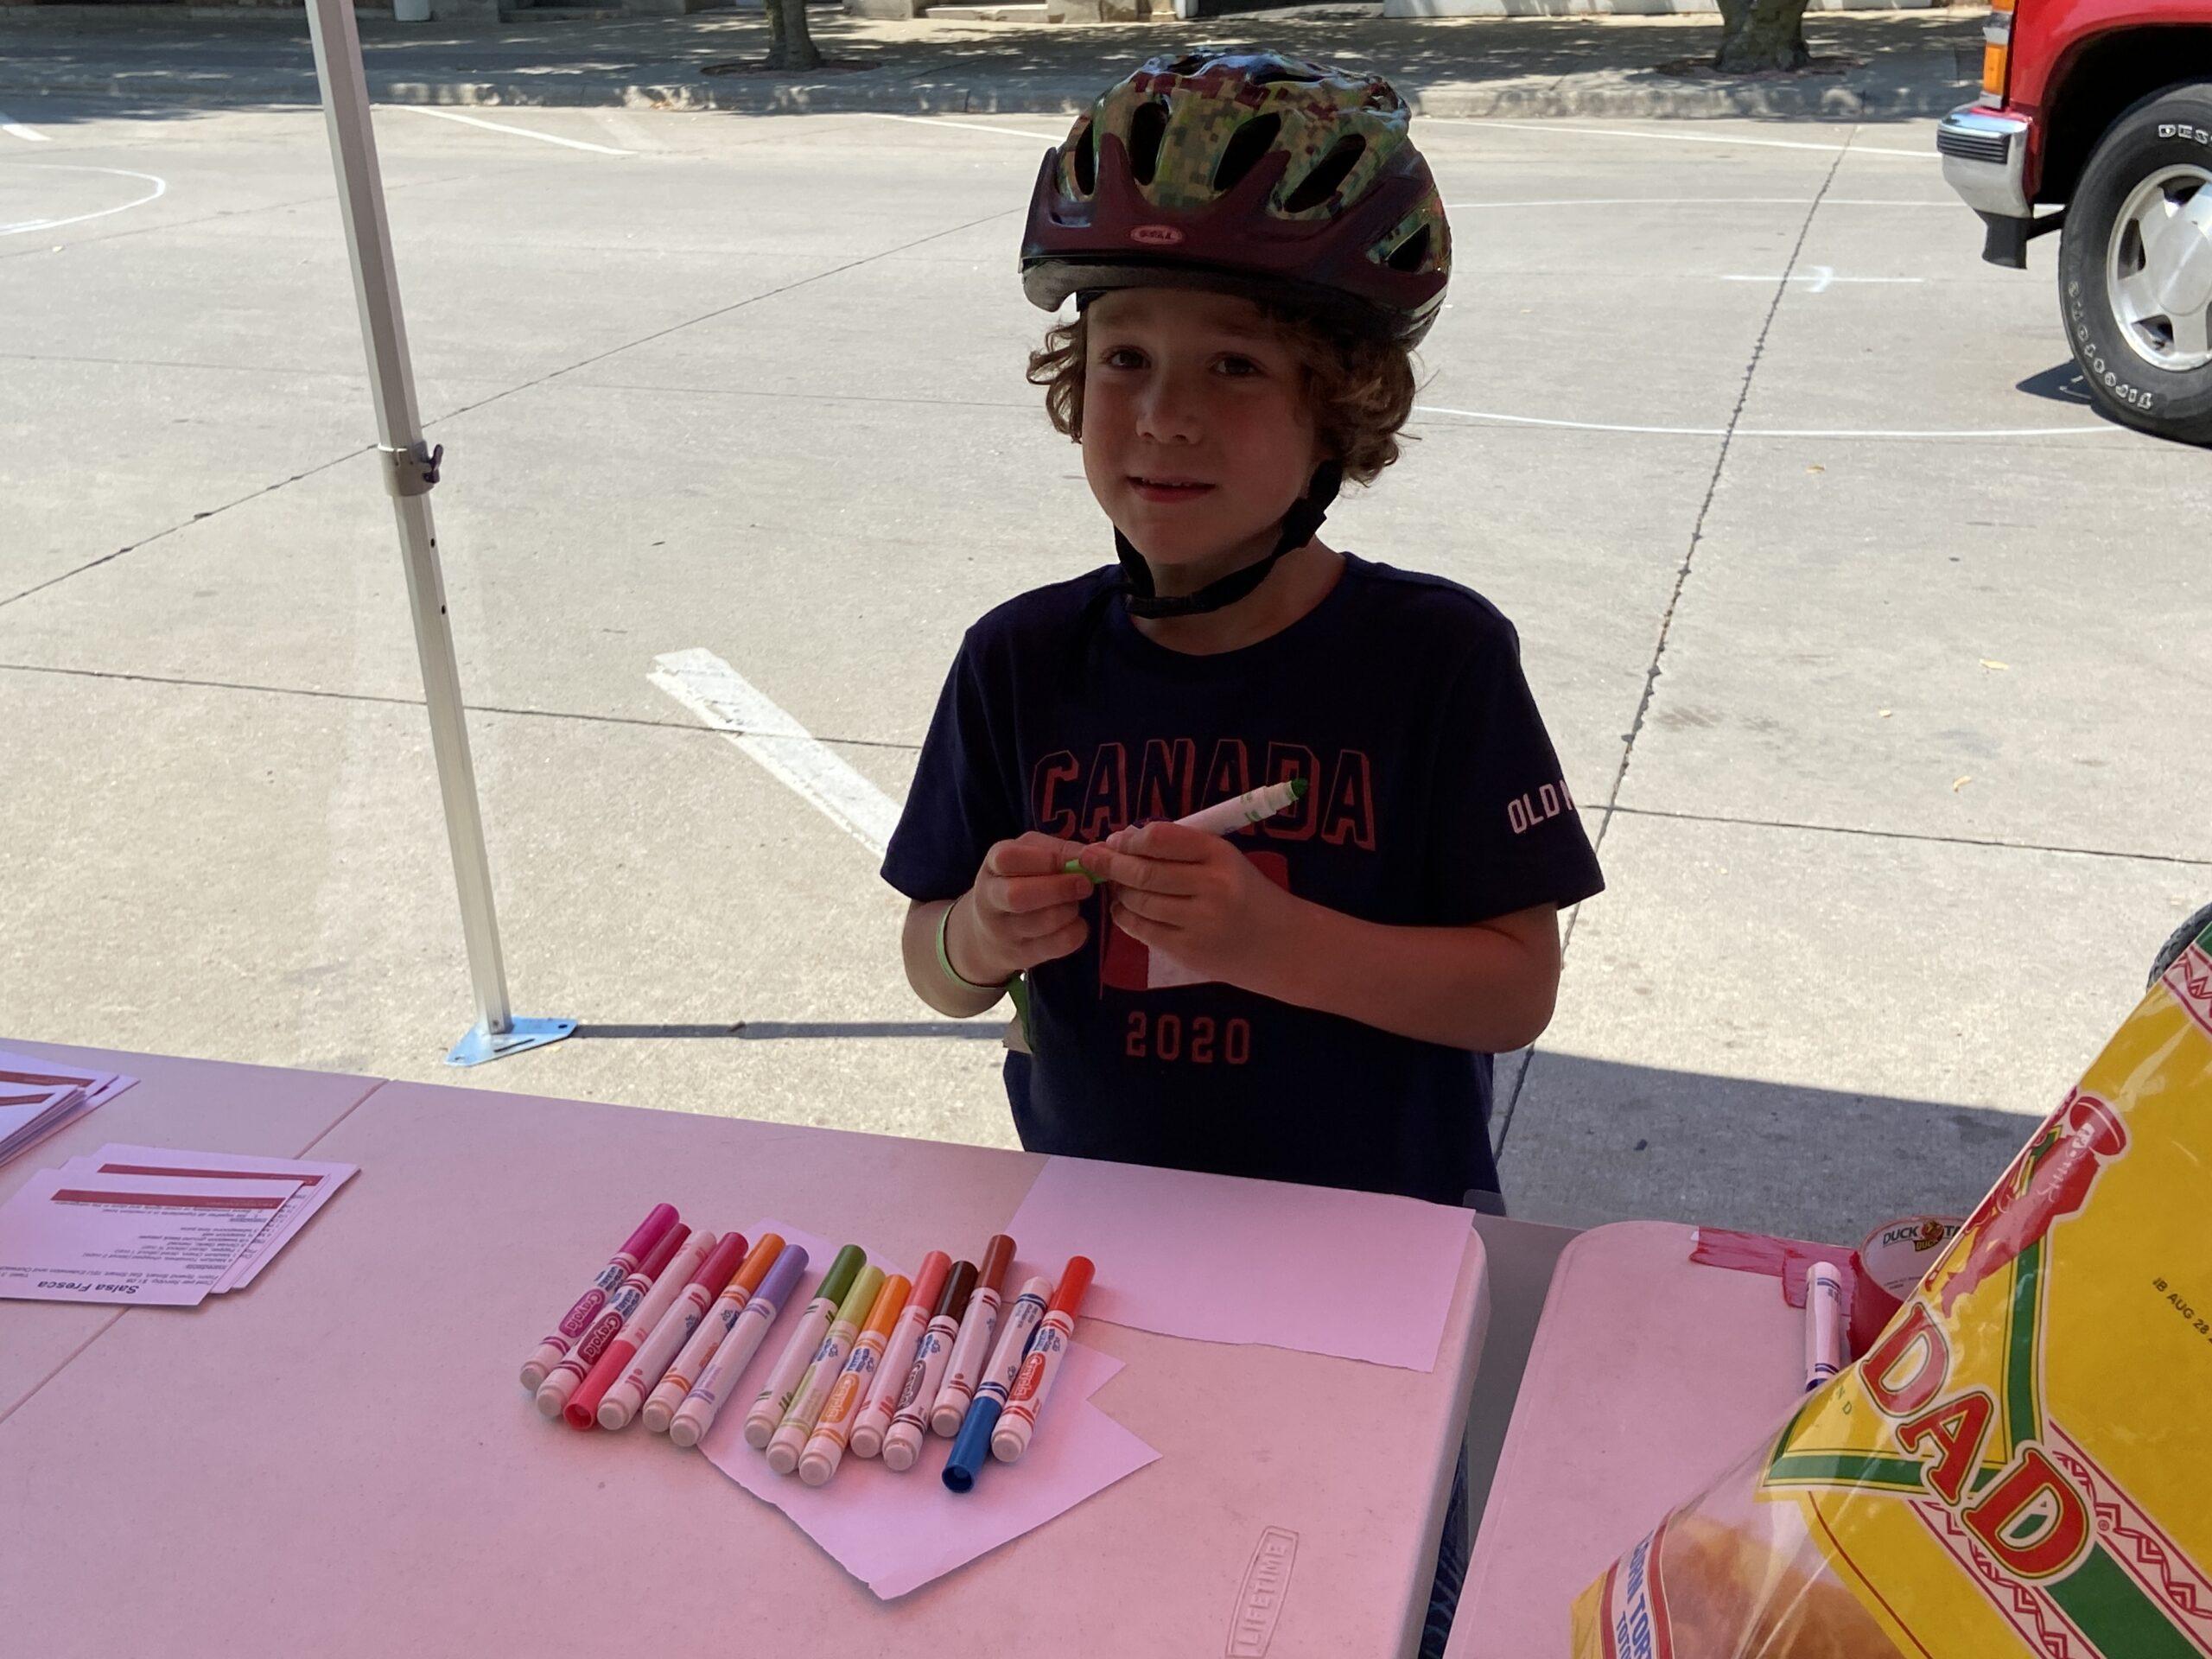 boy holding a marker